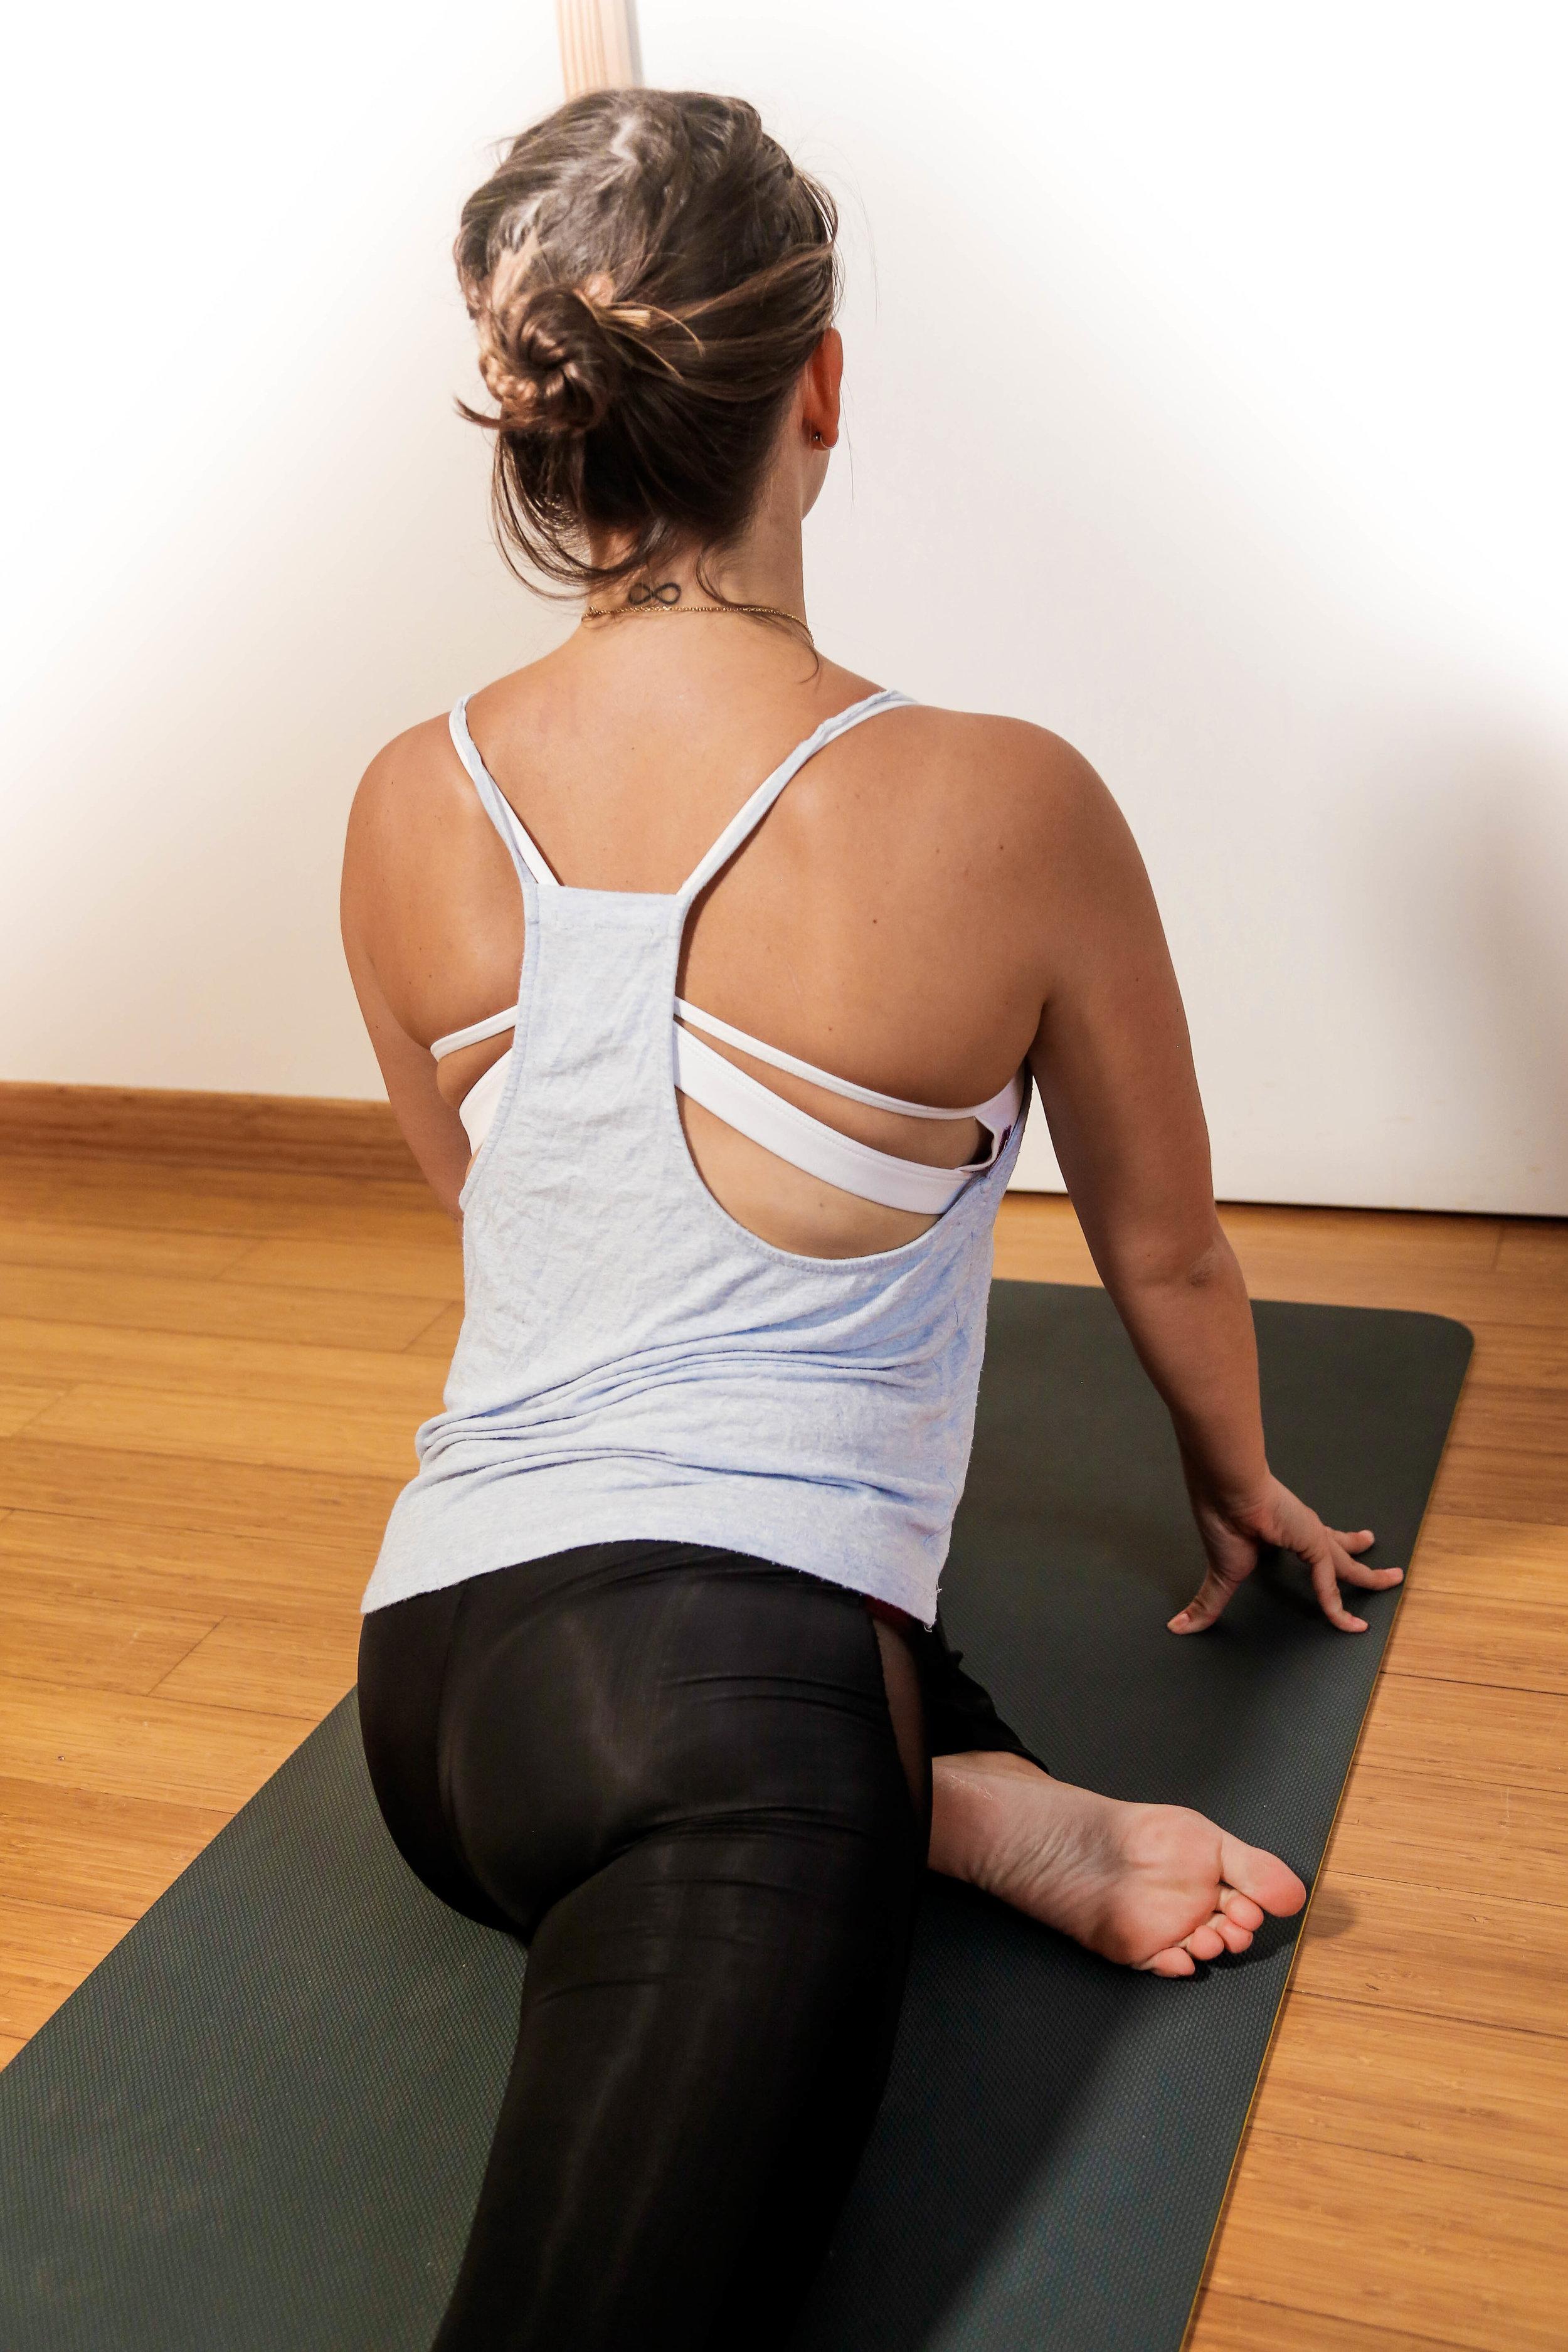 La  posture du pigeon , pour favoriser l'ouverture de hanches    Objectifs  :  - Soulager le dos - Ouvrir les hanches - Stimule les organes abdominaux   La posture du pigeon est idéale pour soulager les sciatiques et les douleurs lombaires en soulageant le bas du dos. Elle permet également de favoriser l'ouverture des hanches, zone où sont localisées nombre de nos émotions ! C'est une posture qui n'est pas toujours très confortable, mais on dit dans le yoga comme dans d'autres disciplines que si une posture nous déplaît, c'est souvent le signe que nous en avons besoin ;-)  ⚠ Astuce  : pour un étirement des hanches encore plus intense, tu peux pencher ton buste vers l'avant. N'oublie pas de respirer profondément !